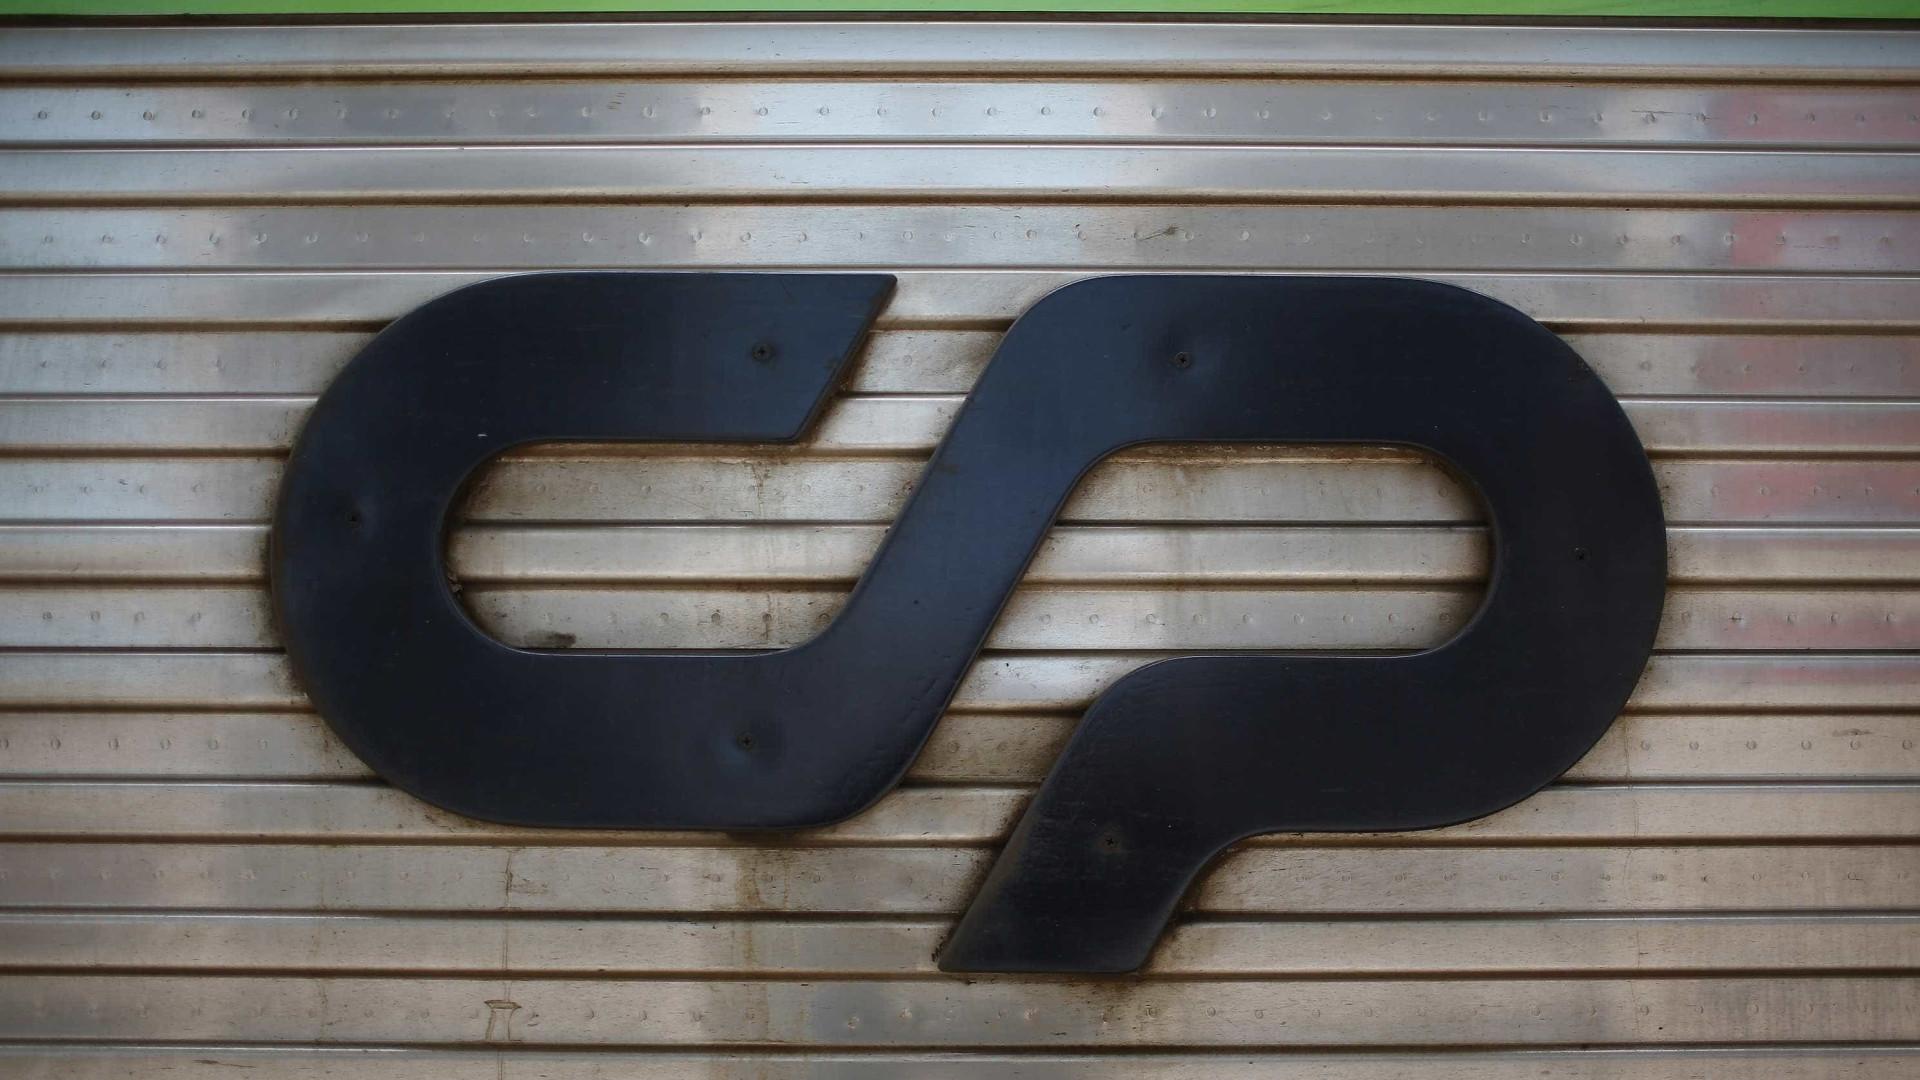 CP com 25% dos comboios urbanos e 85% de longo curso a circular